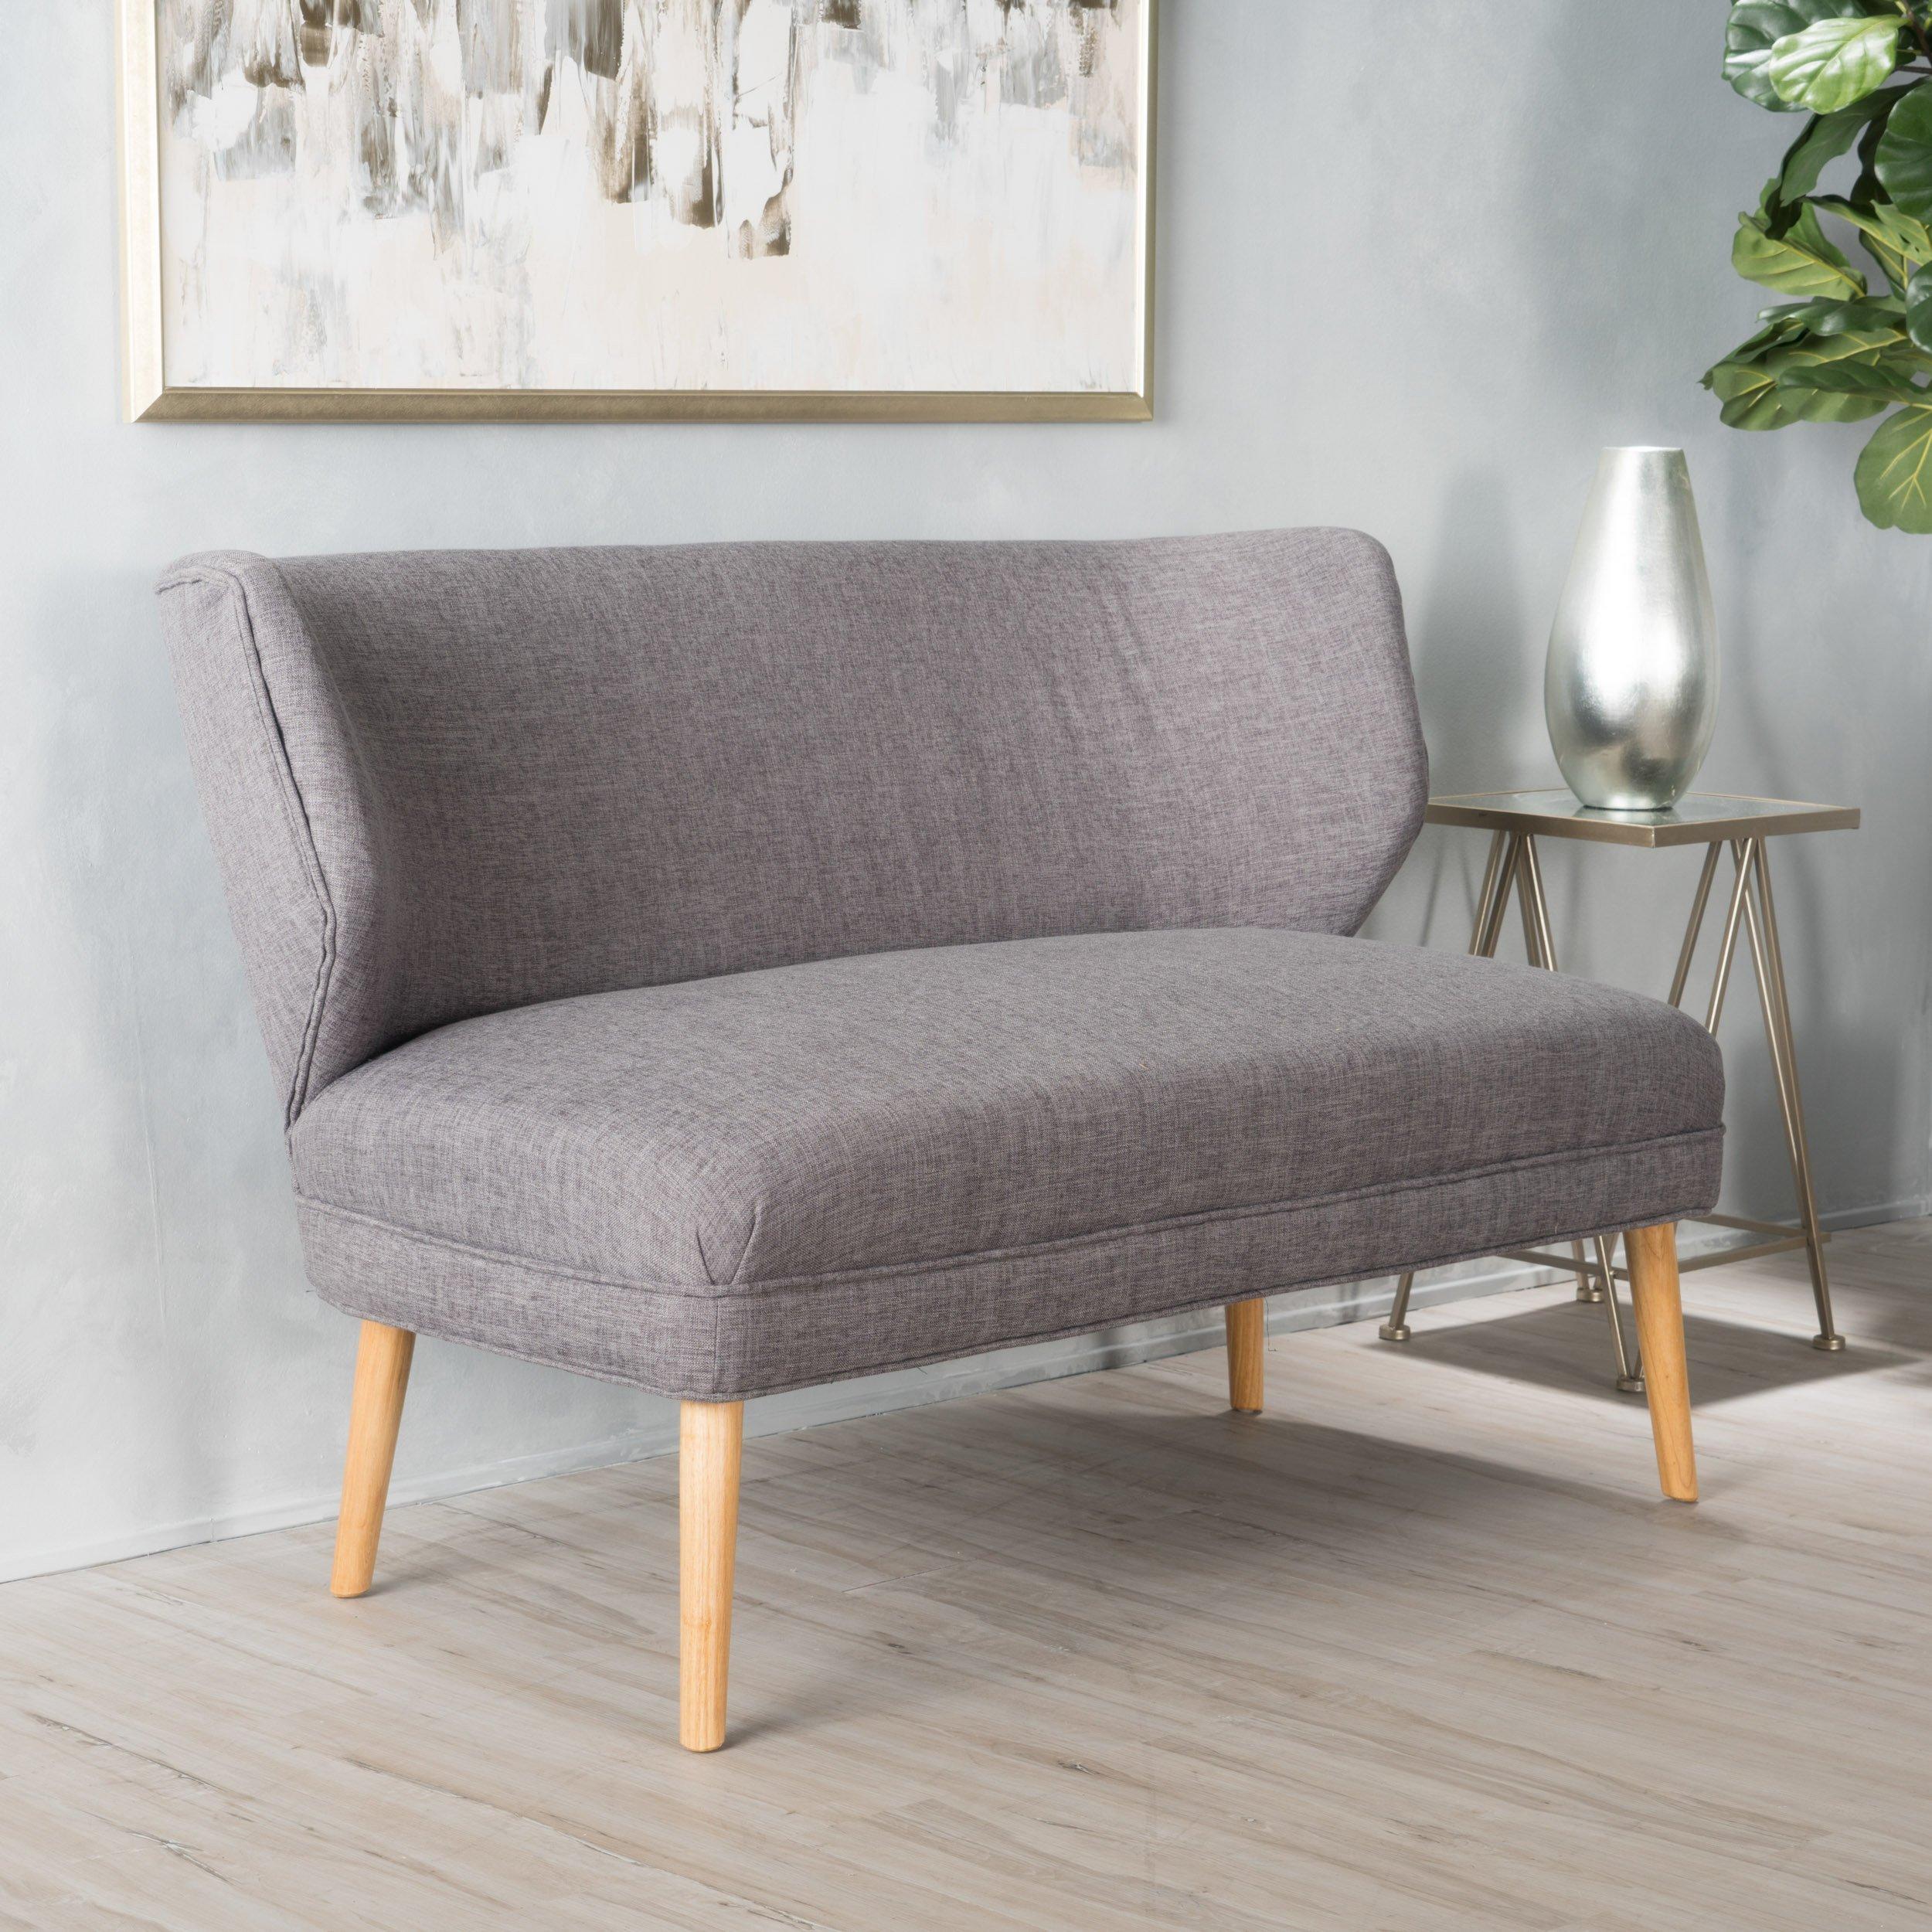 Dumont Mid Century Modern Fabric Loveseat Sofa Settee (Light Grey)